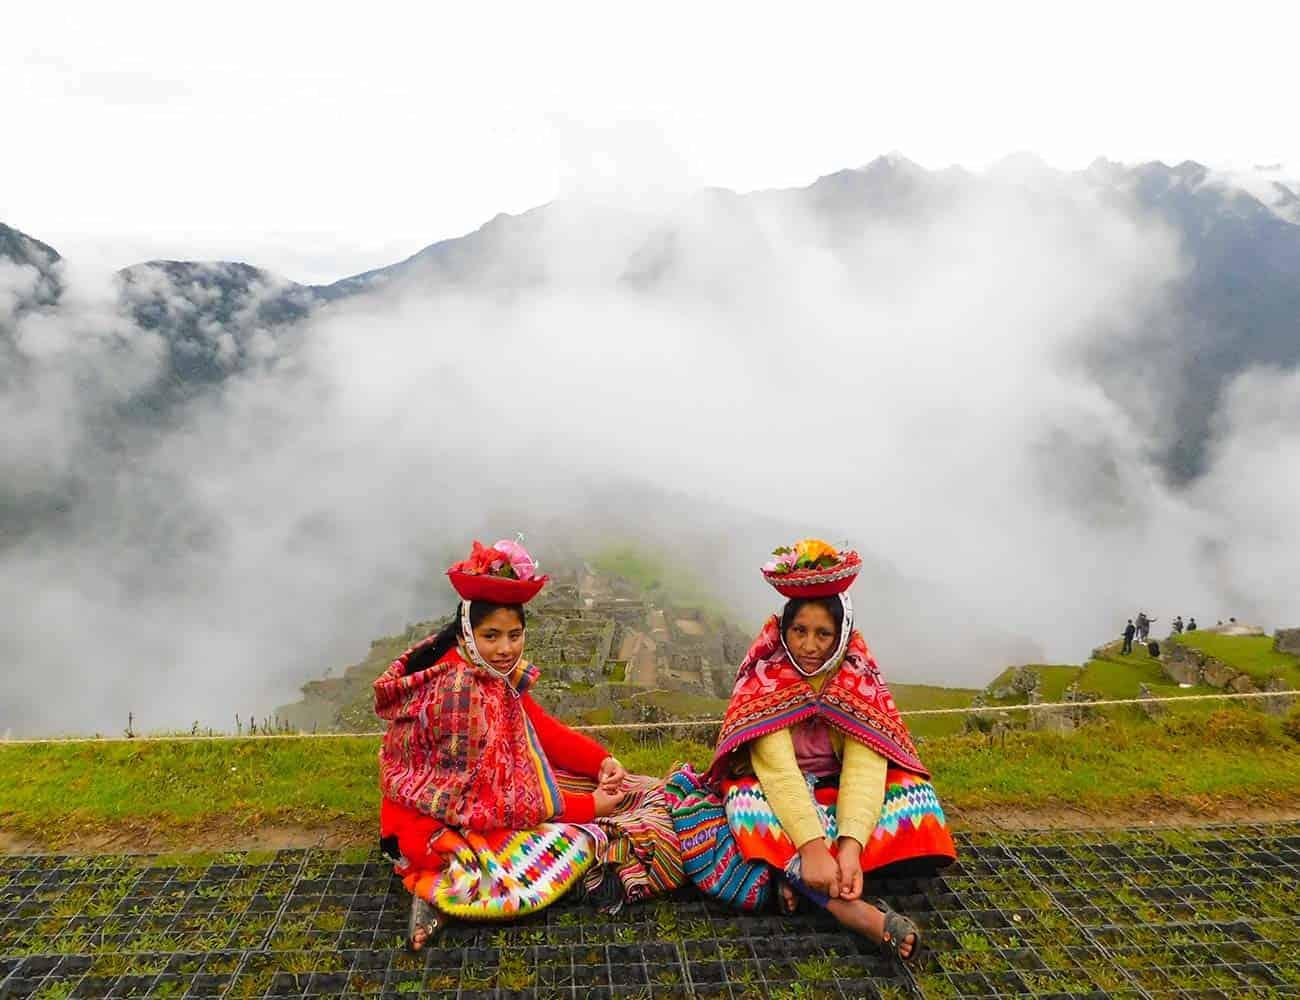 Machu Picchu by train from Cusco